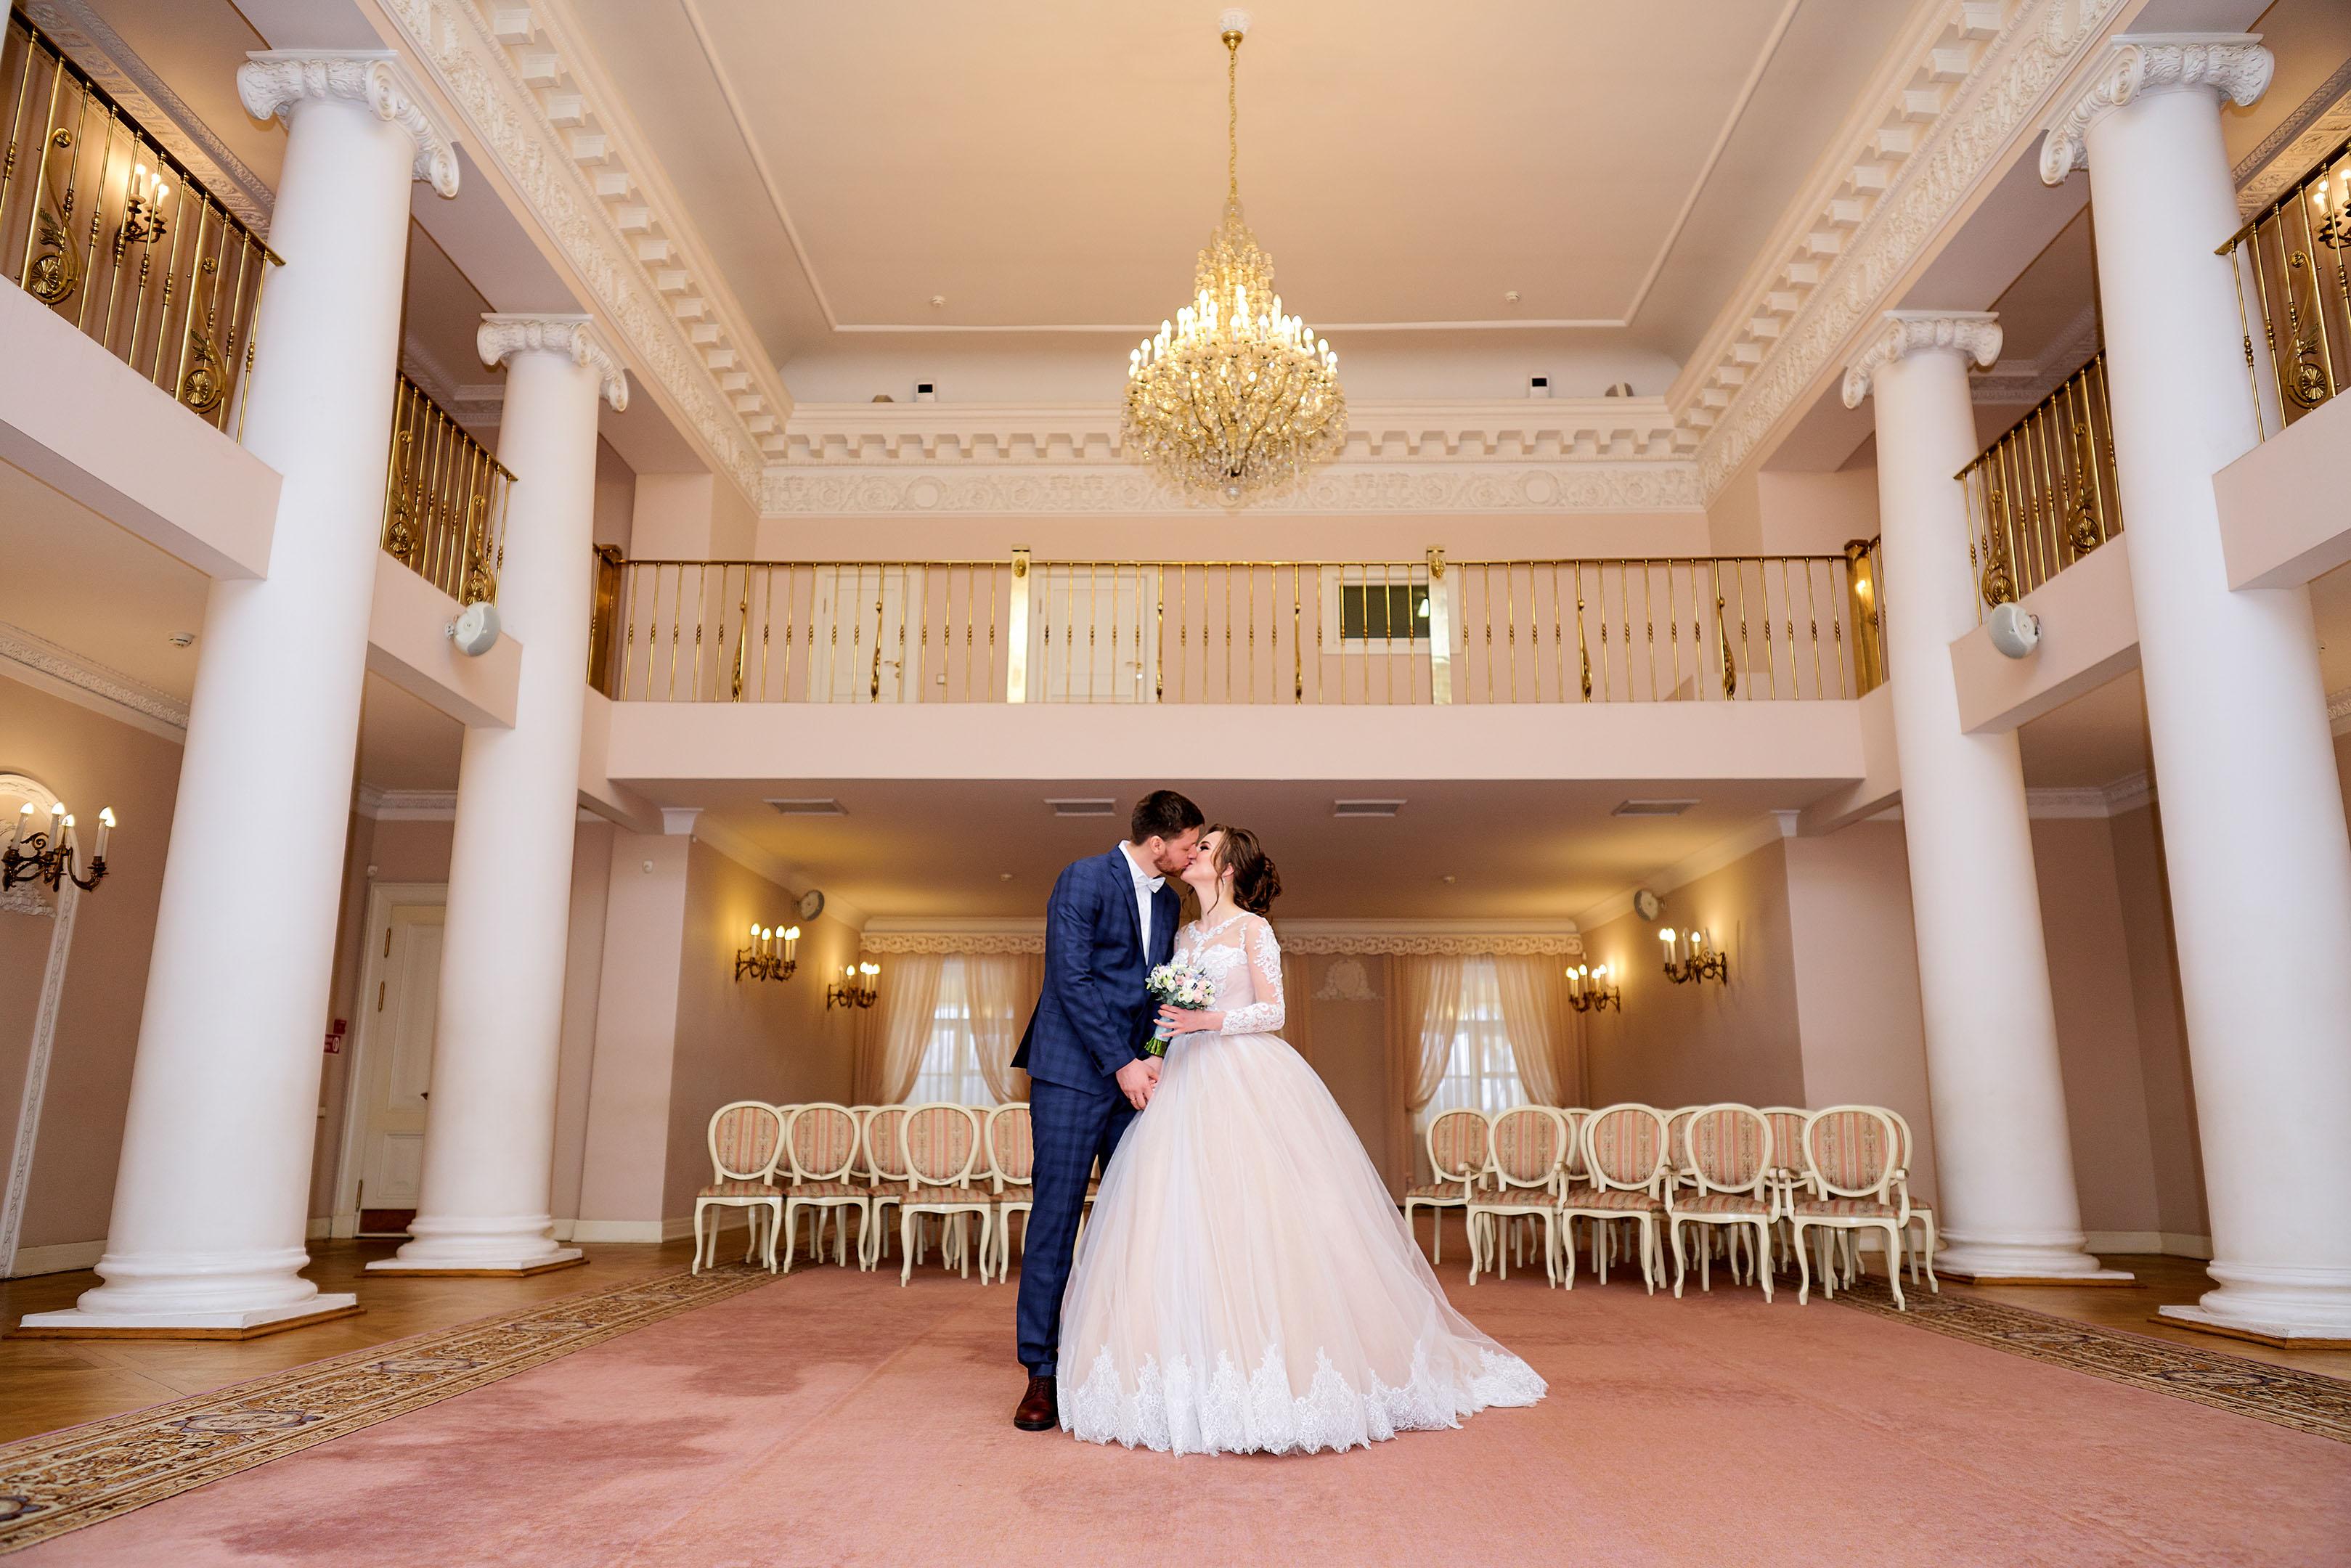 Торжественная регистрация, Дворец Бракосочетания №3, большой зал, свадебный фотограф в Пушкине